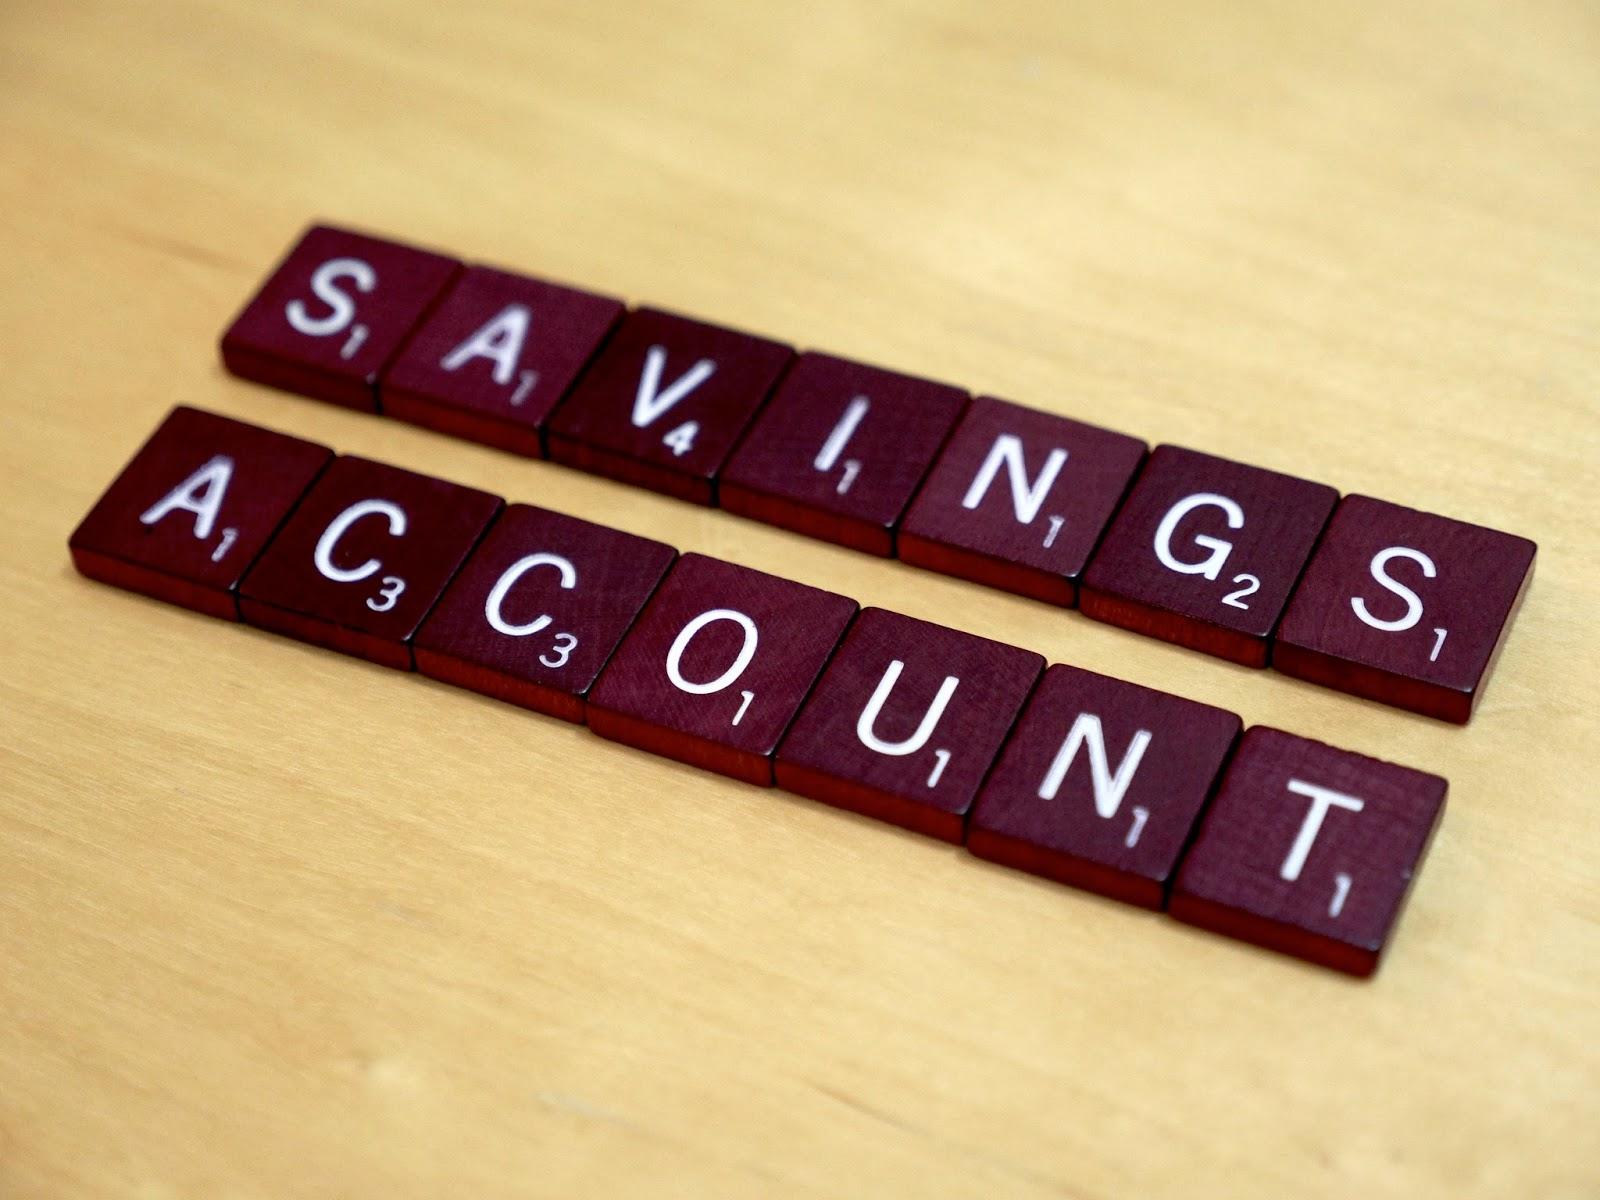 Savings account, why?